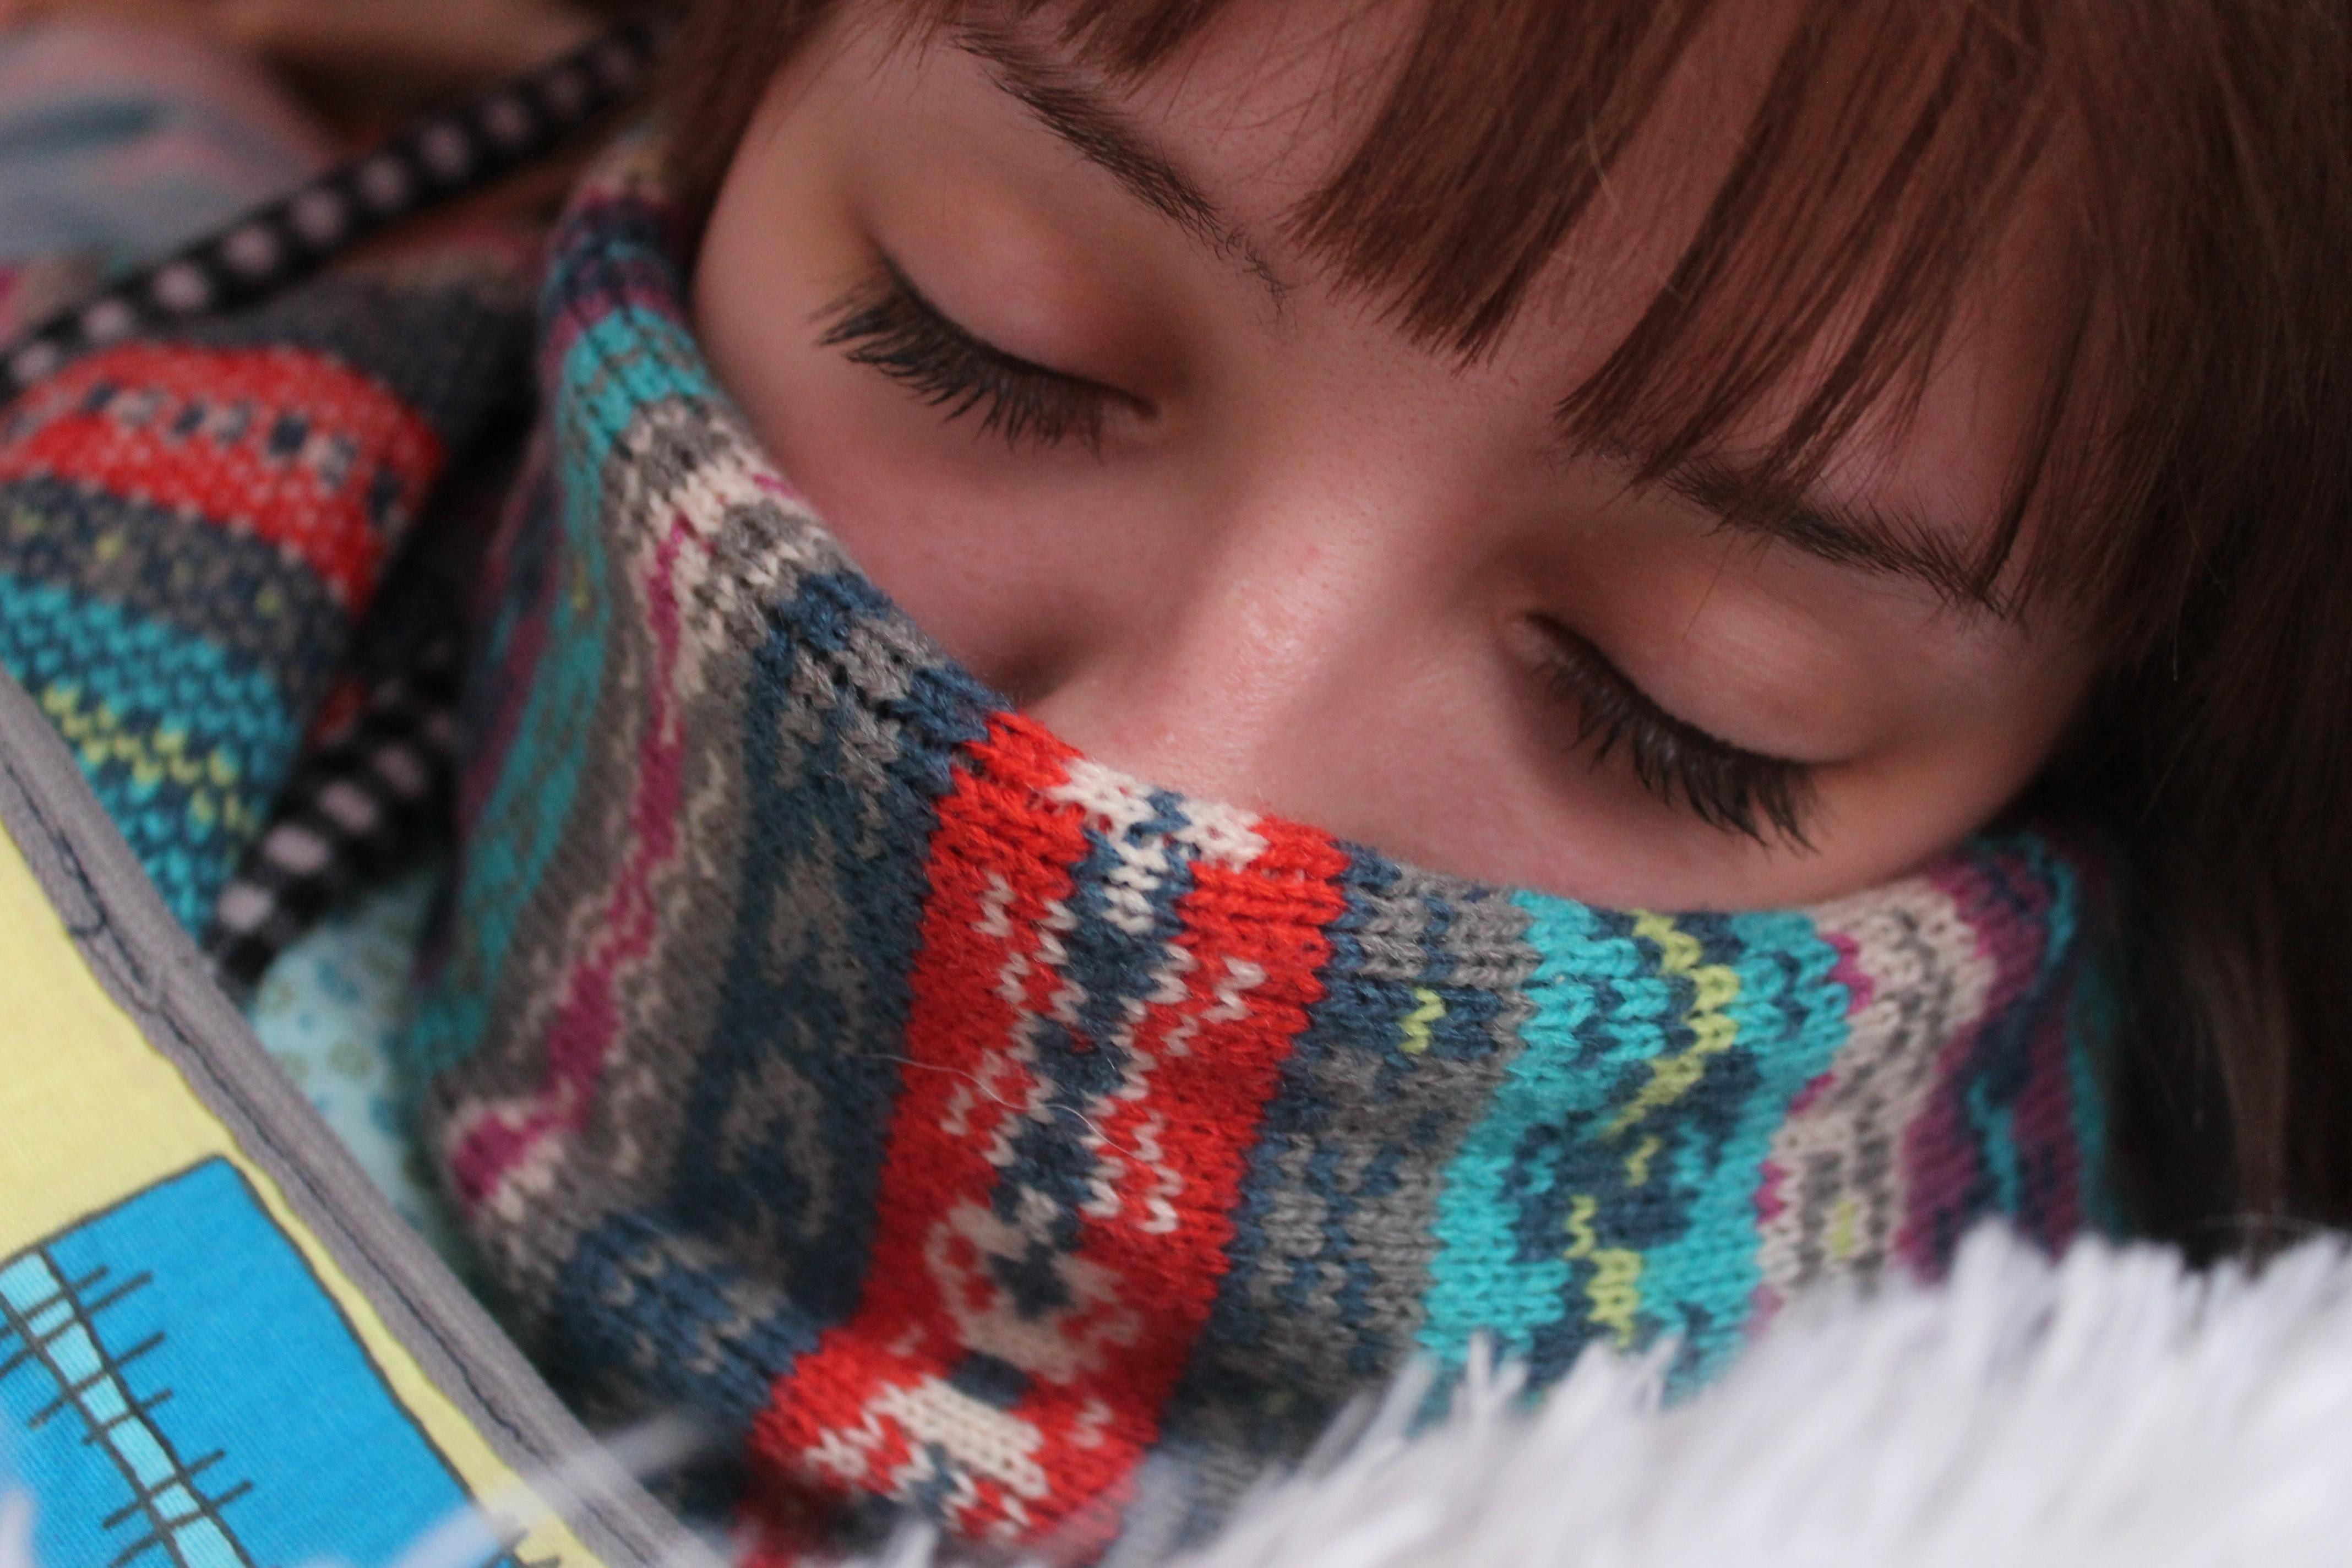 Fotos gratis : persona, invierno, gente, niña, calentar, patrón ...